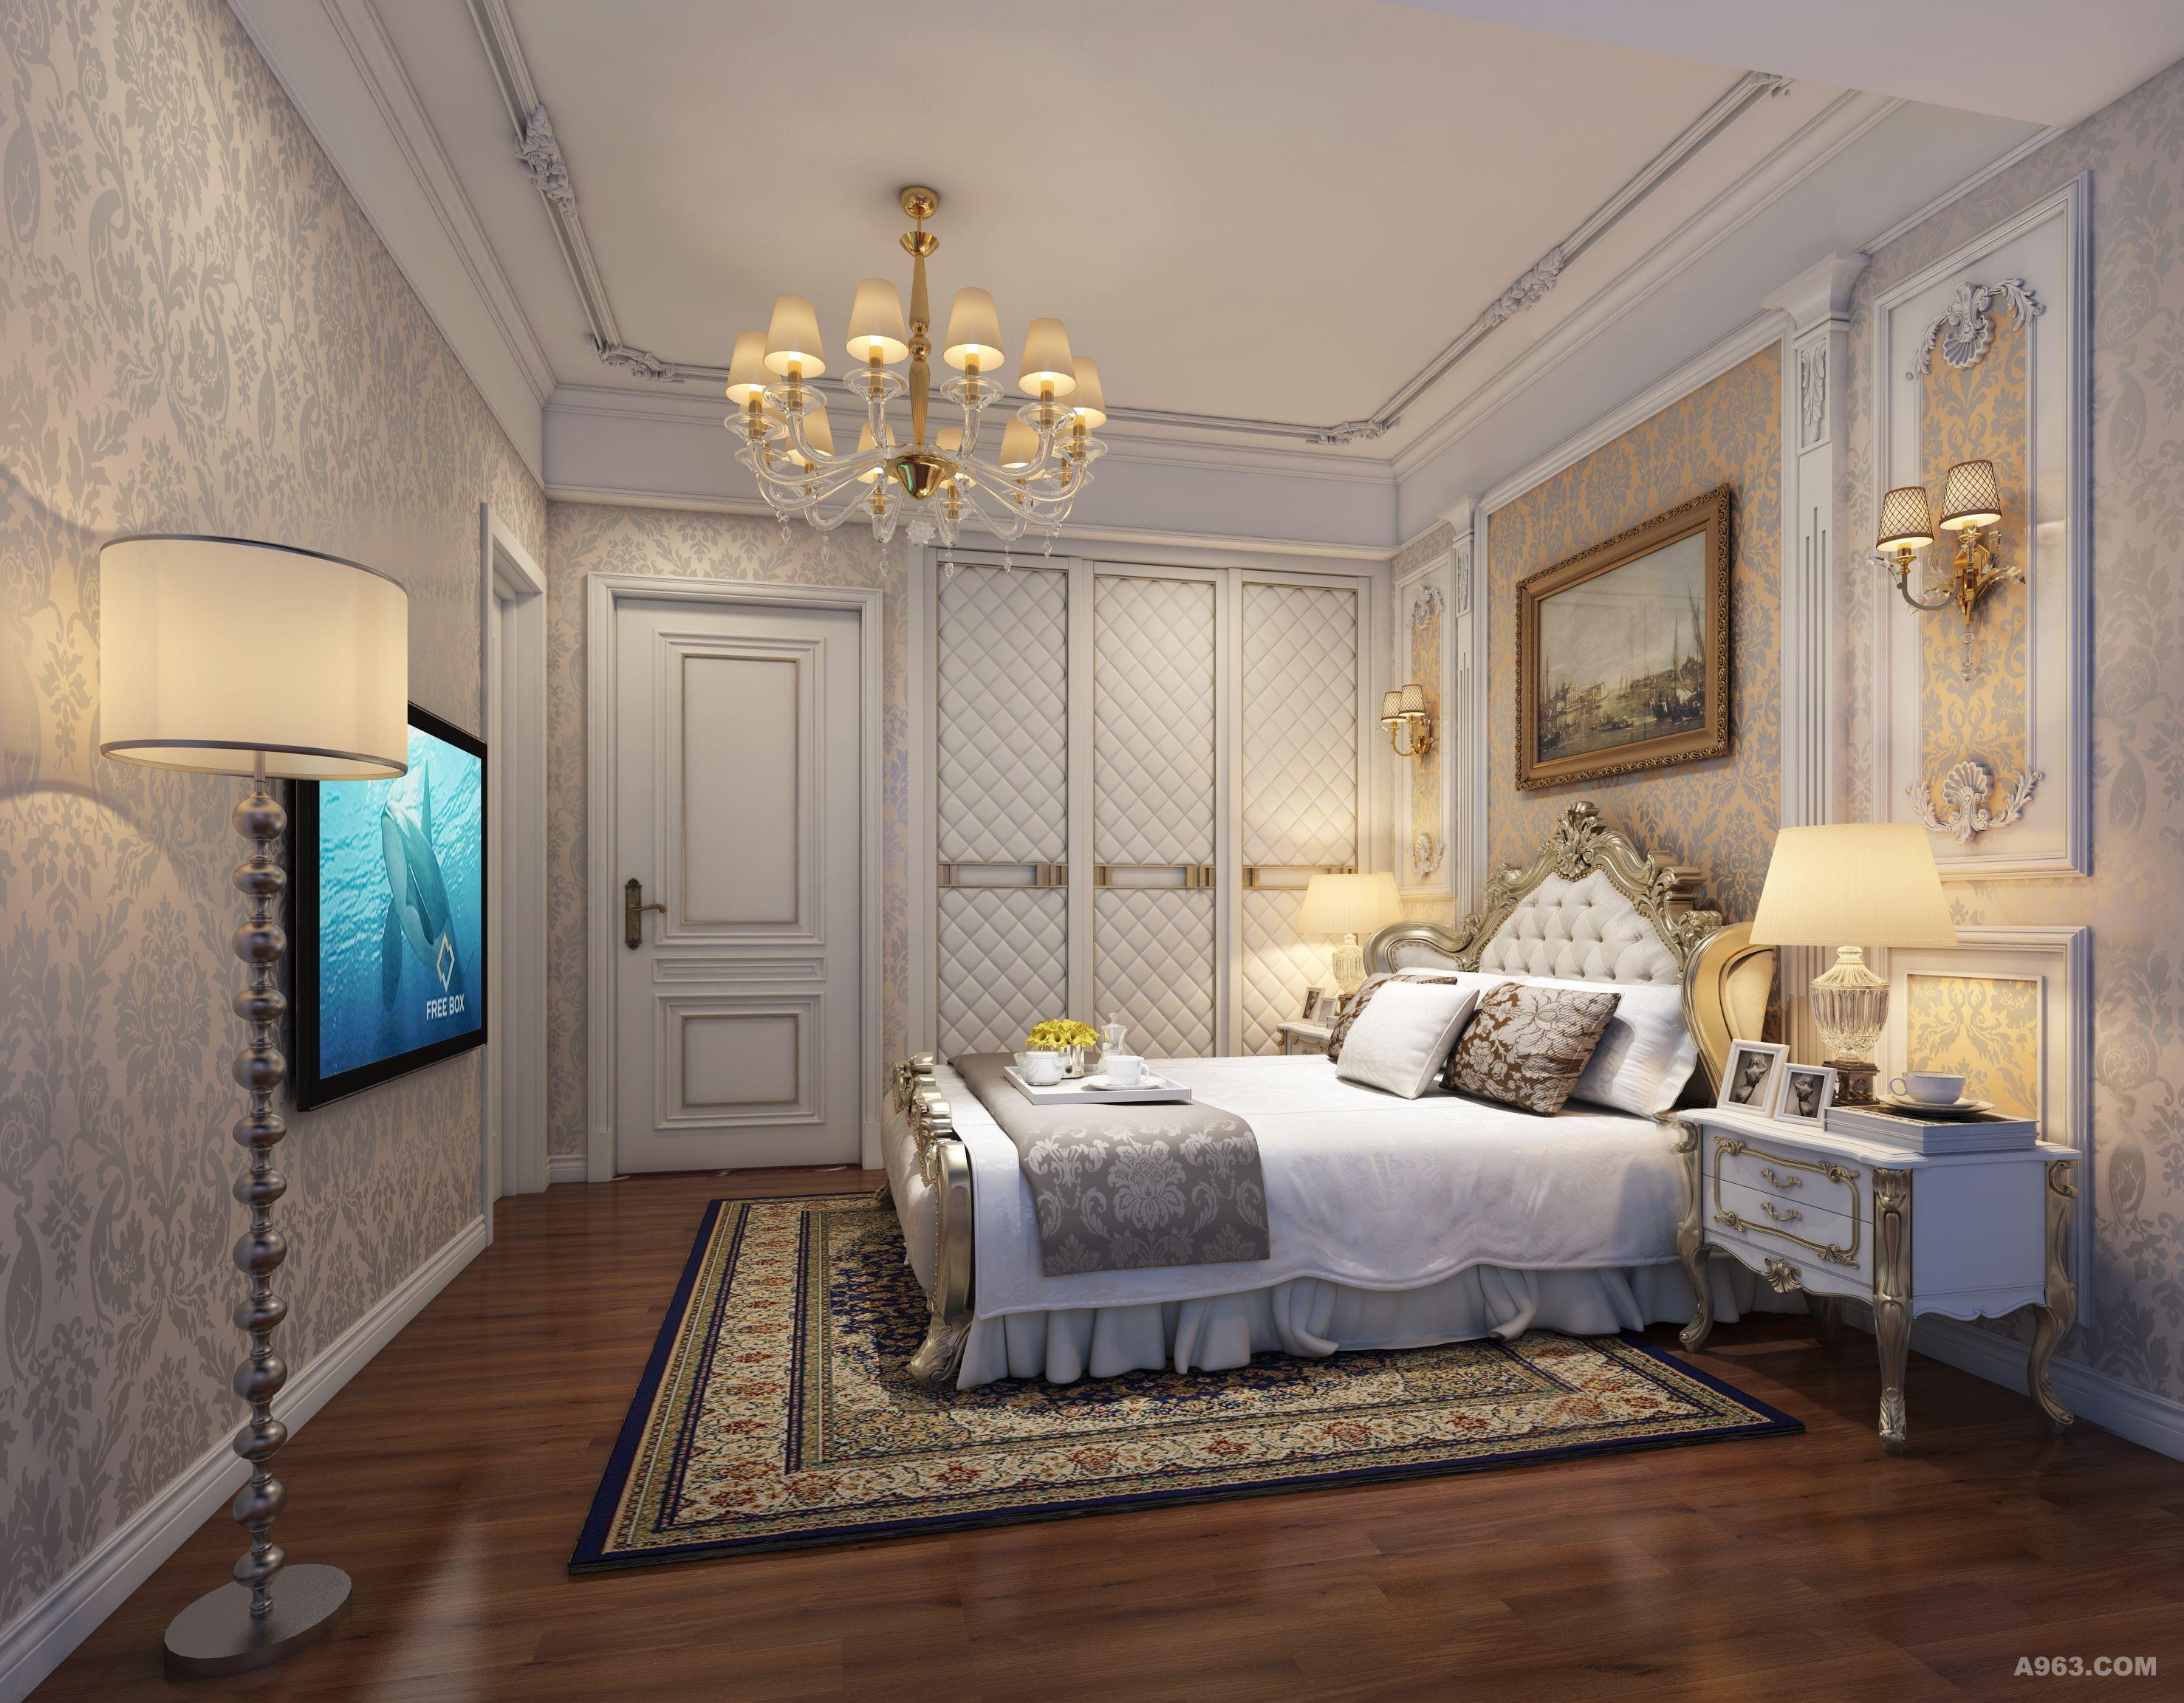 这是一个低调奢华的空间,经典的艺术涂料为基调,印花和线条才是这个舞台的主角。平板叠级和石膏线的吊顶中,缀以水晶球的吊灯,仿佛冬季里轻舞飞扬的雪花,老榆木家具灯光洒下来,空间里飘洒着银装素裹的精致。繁花似锦的壁纸,奢华的装饰画,敦厚精美的床,都能带出古典欧式风格特有的质感。卧室的整体感觉端庄优雅,仿佛将人带入十八世纪保守意大利贵族的舞会中,欧式风格也是最能体现身份地位的一种风格。欧式装修风格是最能彰显高贵气质了客厅到卧室,每一处都是那么光鲜照人,无一处不为之惊叹不已,多么豪华,多么高贵啊!欧式卧室装修稳重